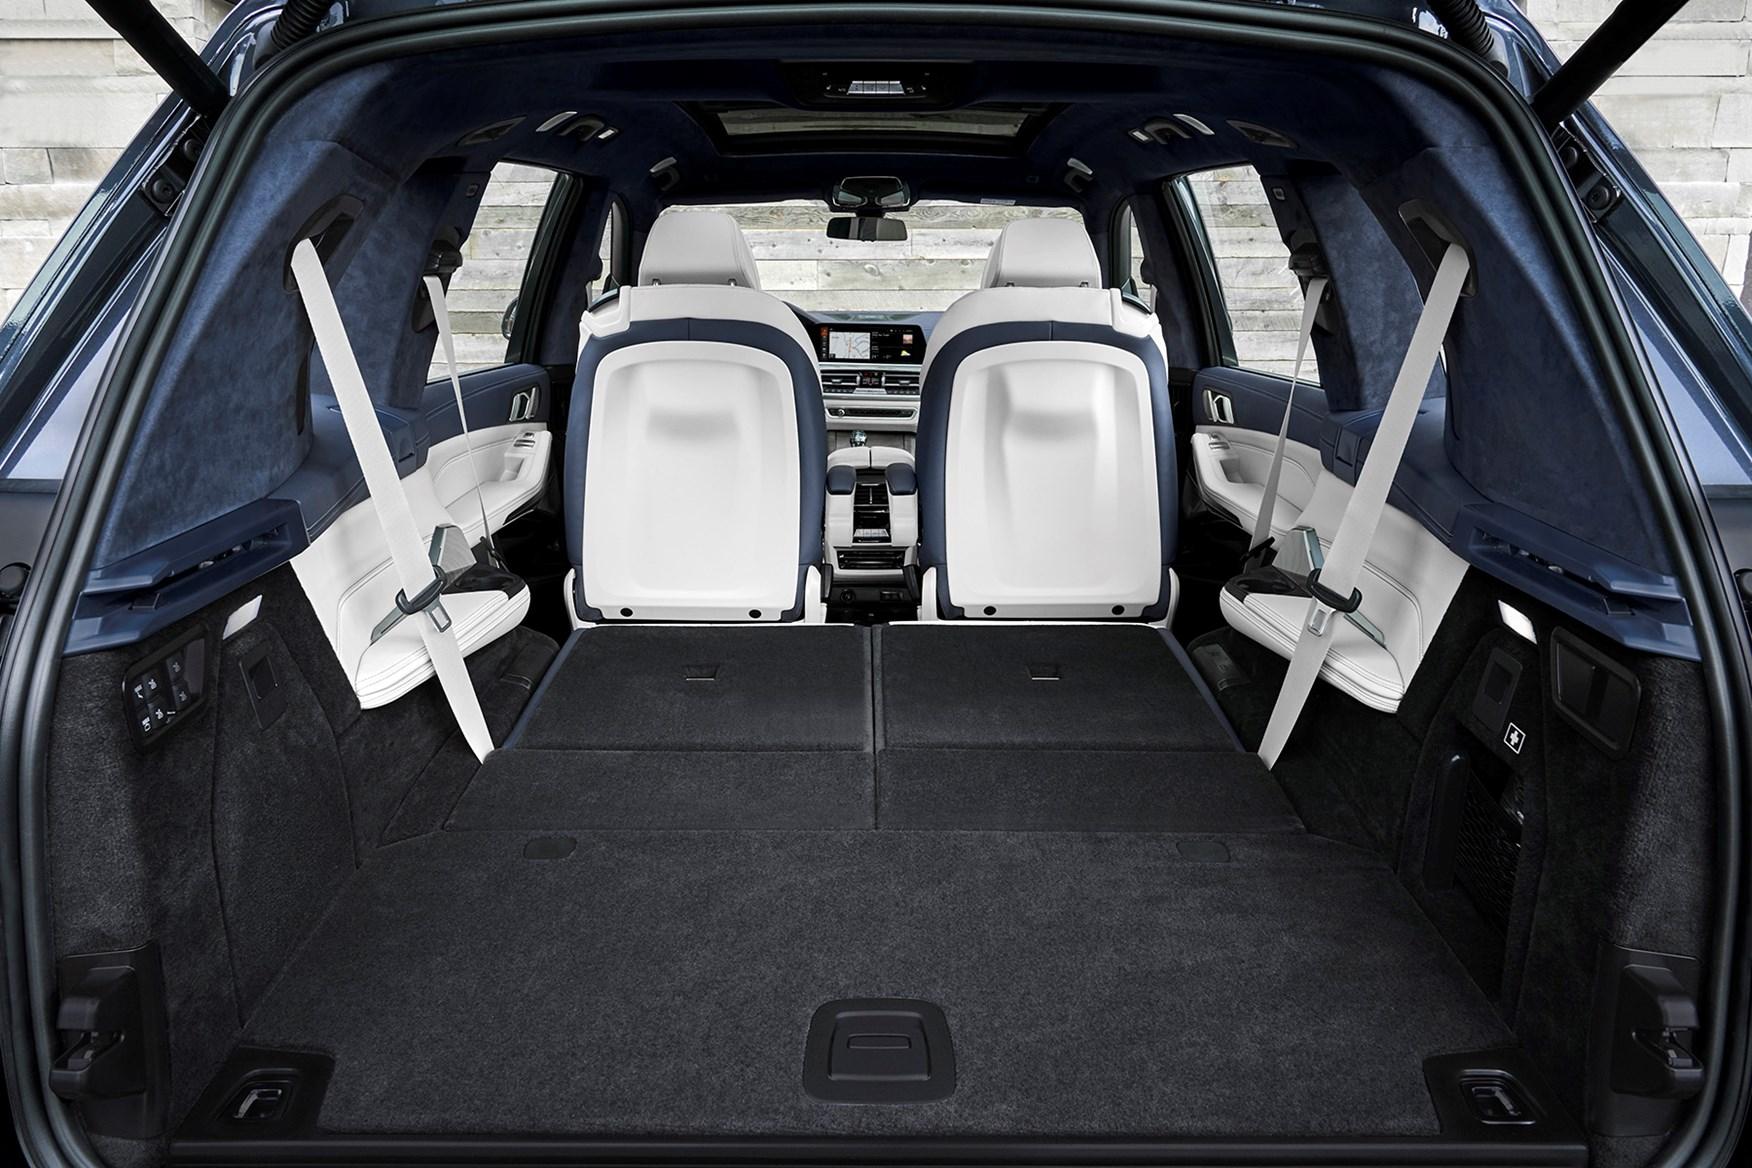 Bmw X7 2019 Interior Layout Dashboard Amp Infotainment